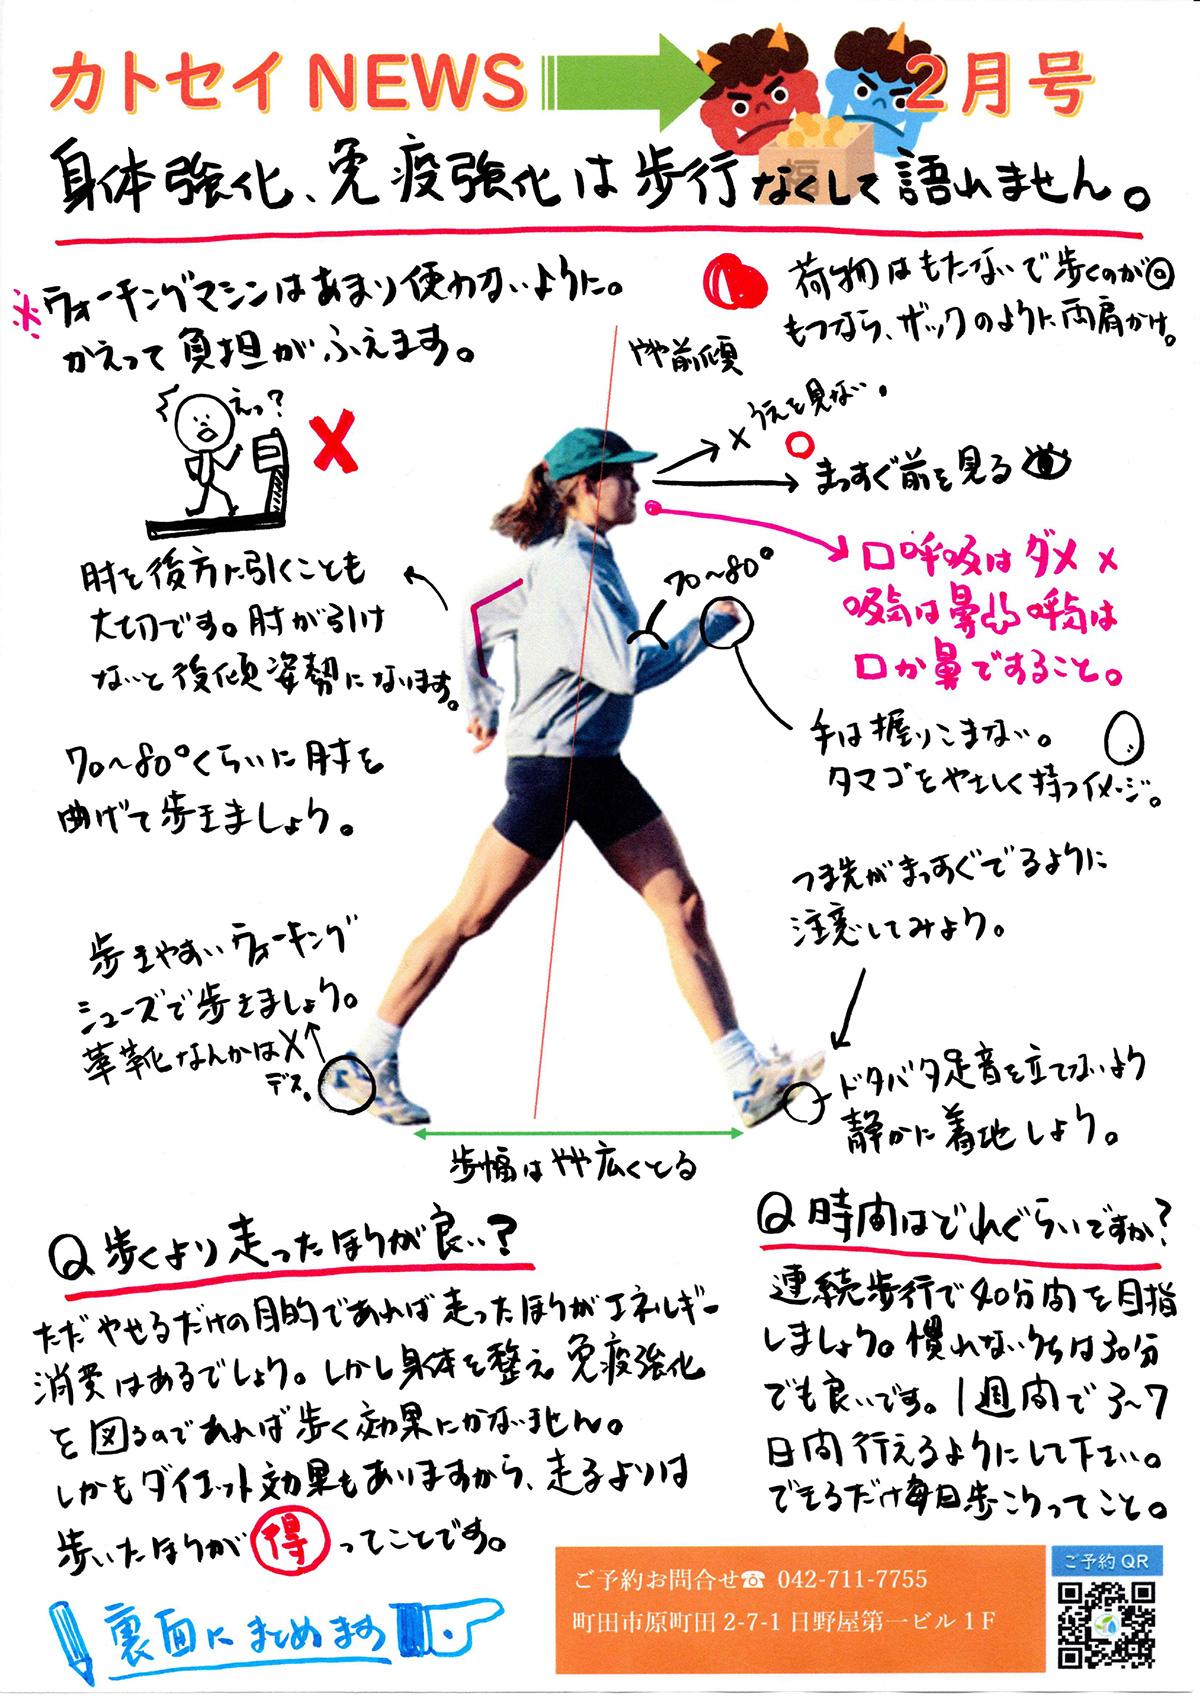 カトセイニュース2月号